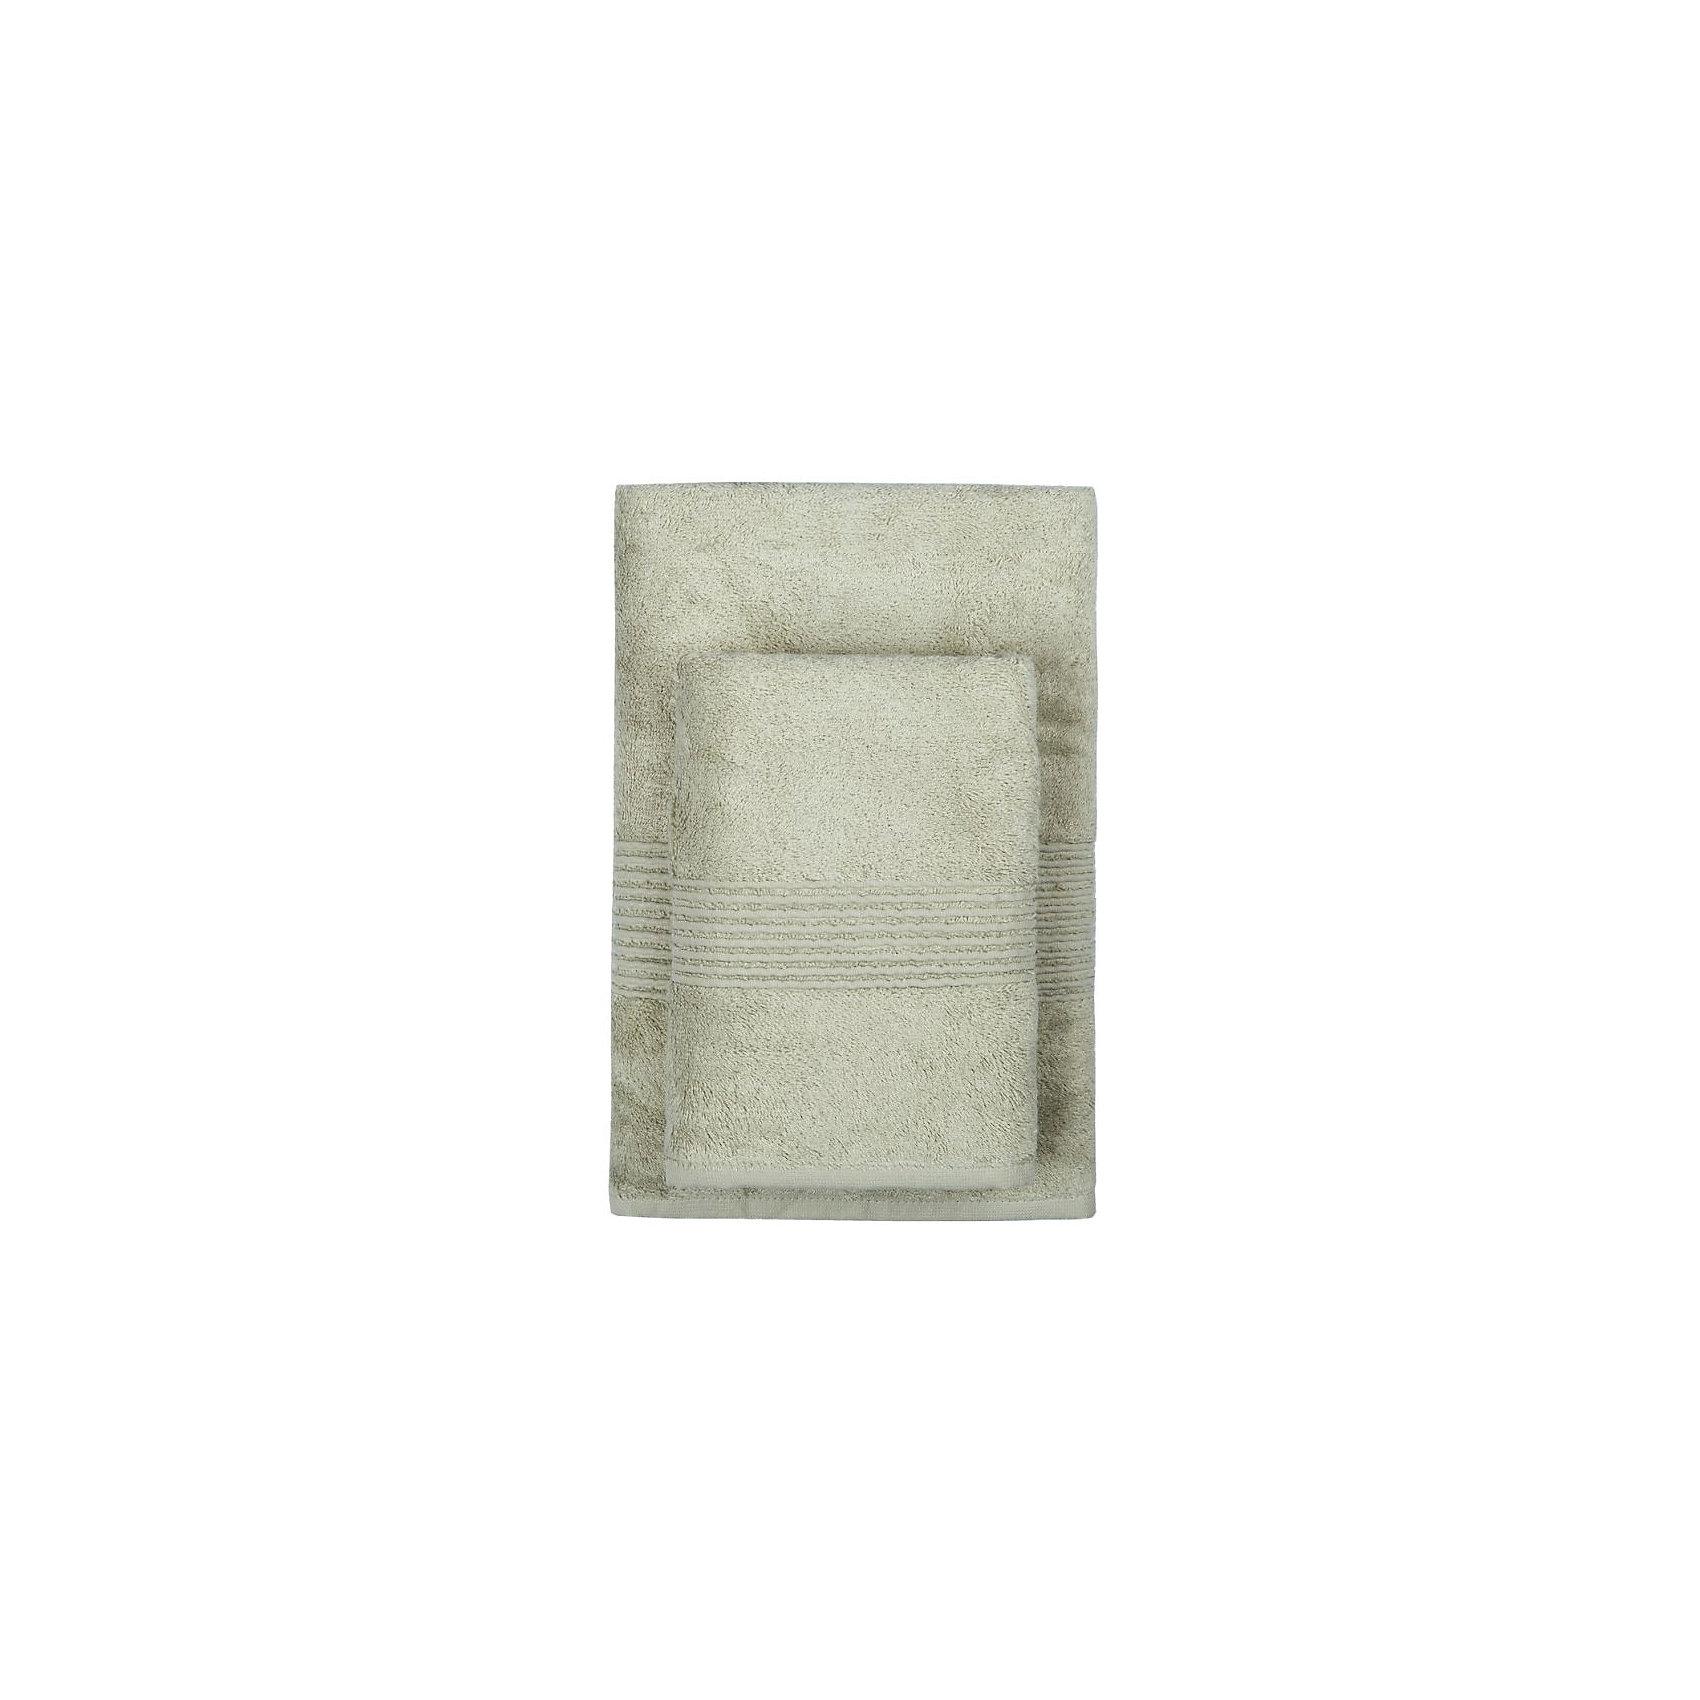 Полотенце махровое Maison Bambu, 50*90, TAC, фисташковый  (cagla)50*90; 50% хлопок, 50% бамбук/махра/550 гр/м2. Полотенца ТАС Приятно удивляют и дают возможность почувствовать себя творцом окружающего декора. Махровая ткань – официальное название «фроте», народное – «махра». Фроте – это натуральная ткань, поверхность которой состоит из ворса (петель основных нитей). Ворс может быть как одинарным (односторонним), так и двойным (двусторонним).<br><br>Ширина мм: 250<br>Глубина мм: 30<br>Высота мм: 230<br>Вес г: 300<br>Возраст от месяцев: 216<br>Возраст до месяцев: 1188<br>Пол: Унисекс<br>Возраст: Детский<br>SKU: 5476340